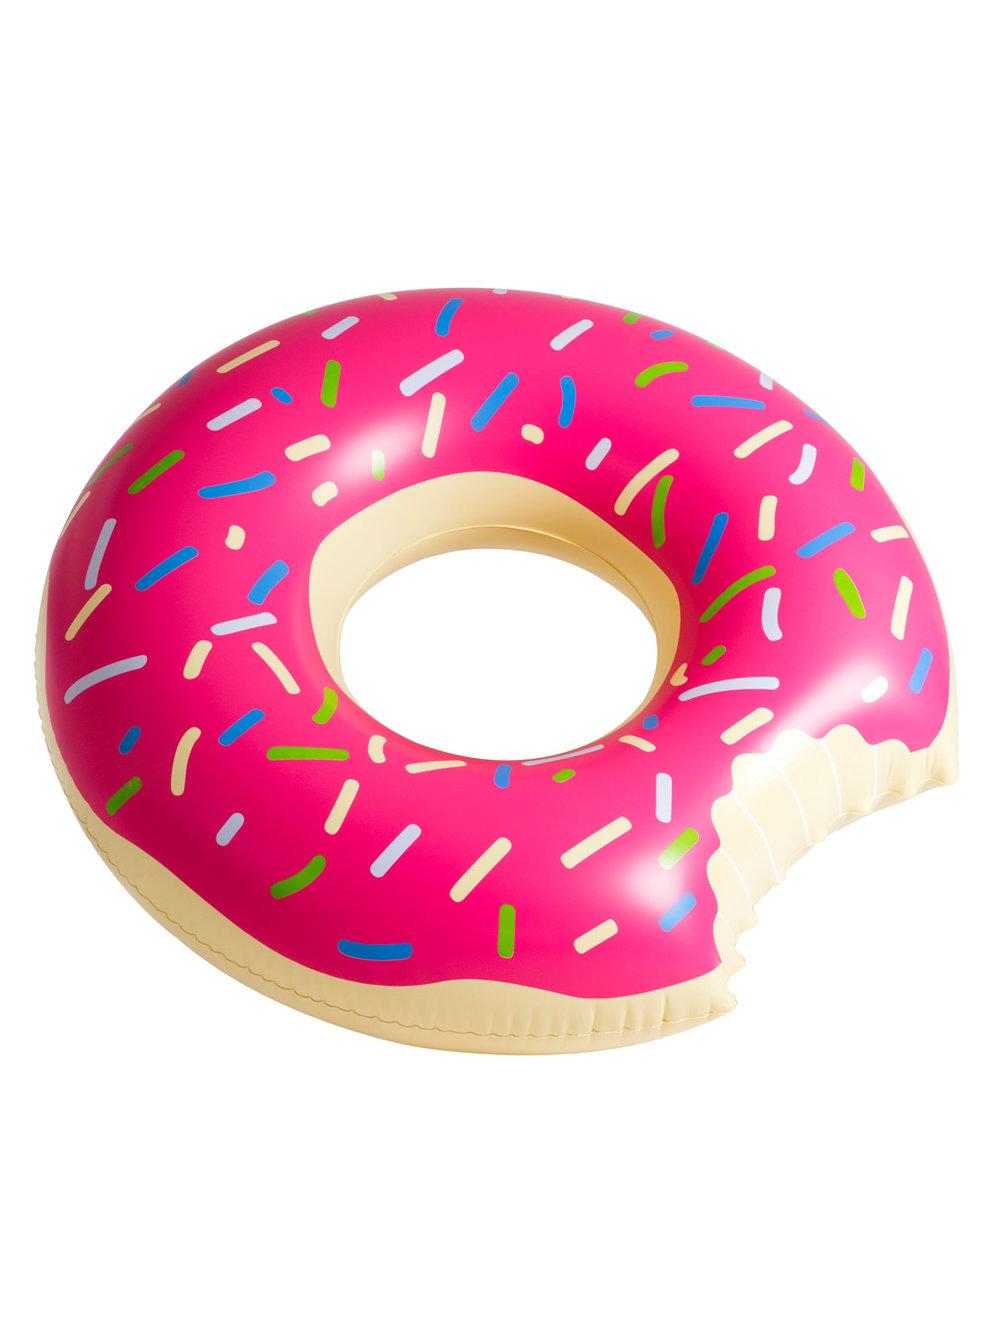 Floaty Kings Strawberry Donut Pool Float_Gilt.com.jpg